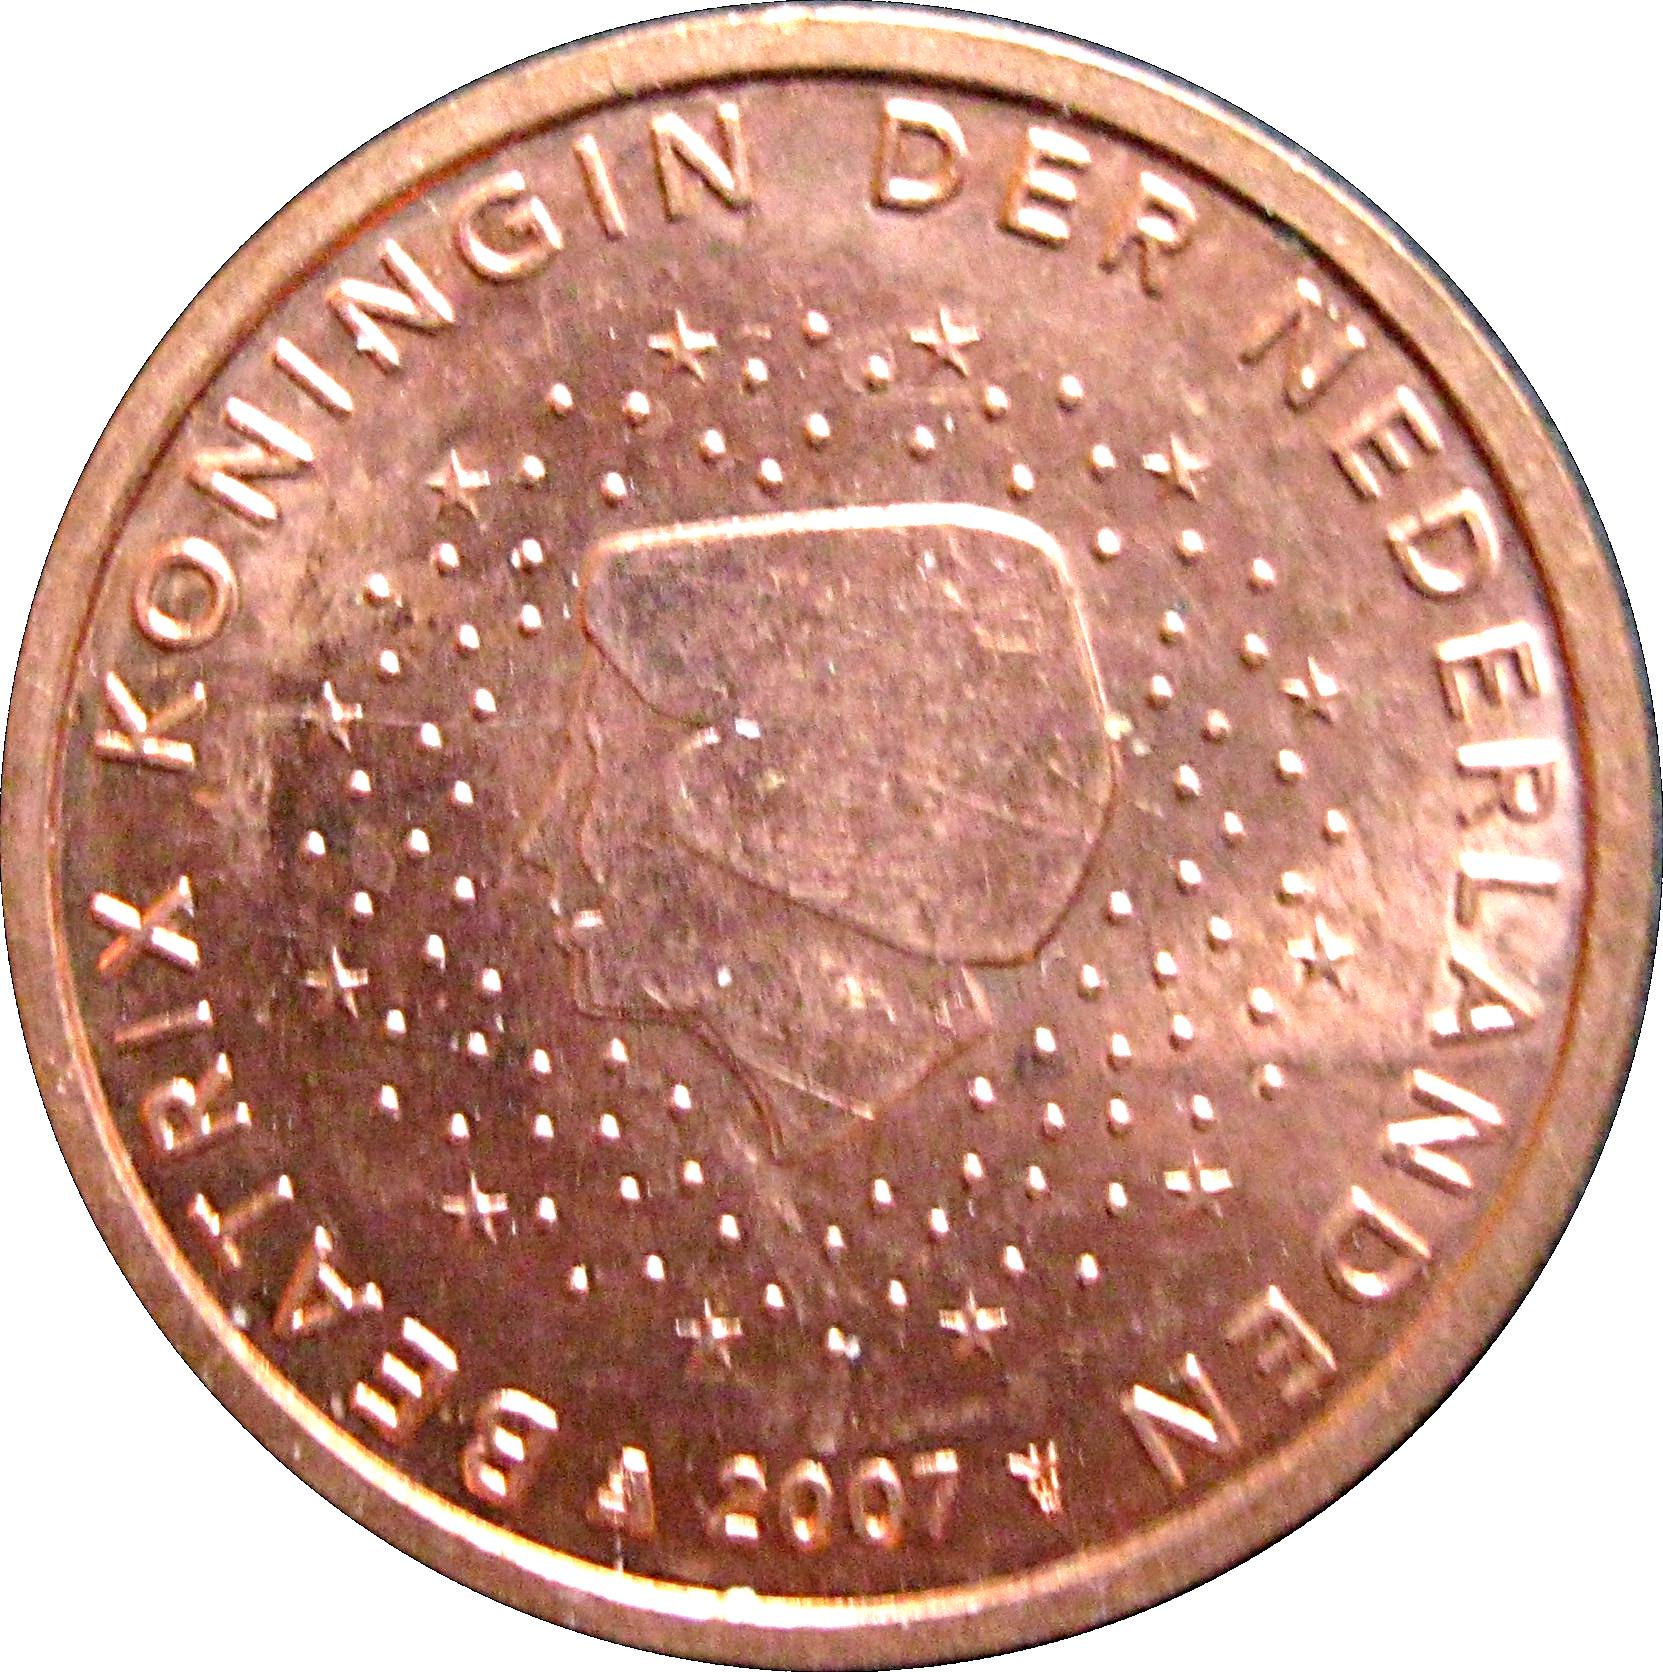 beatrix koningin der nederlanden 25 cent coin